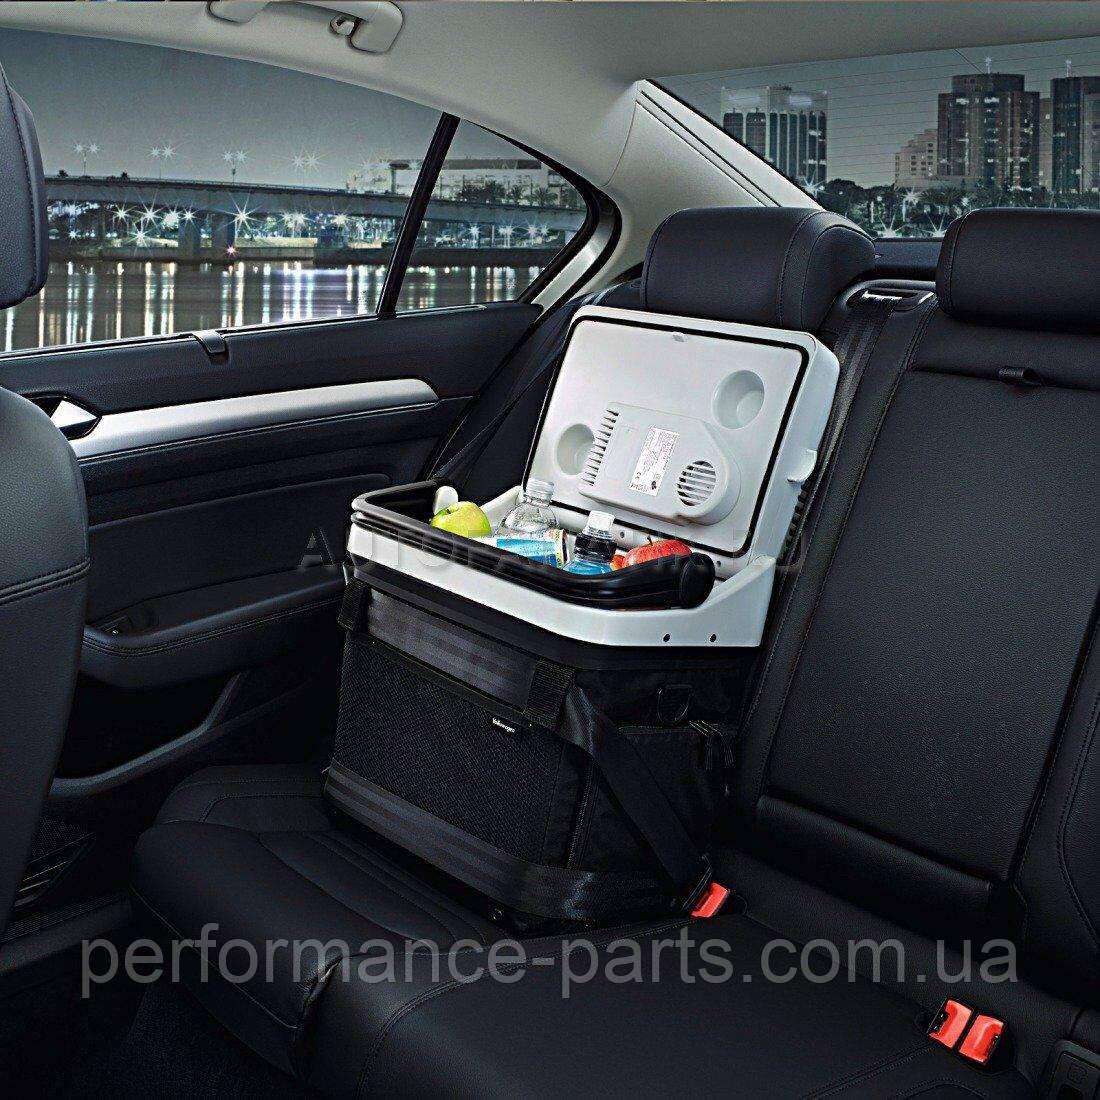 Автомобільний холодильник-термос Volkswagen Cool & Thermos Box, артикул 000065400F